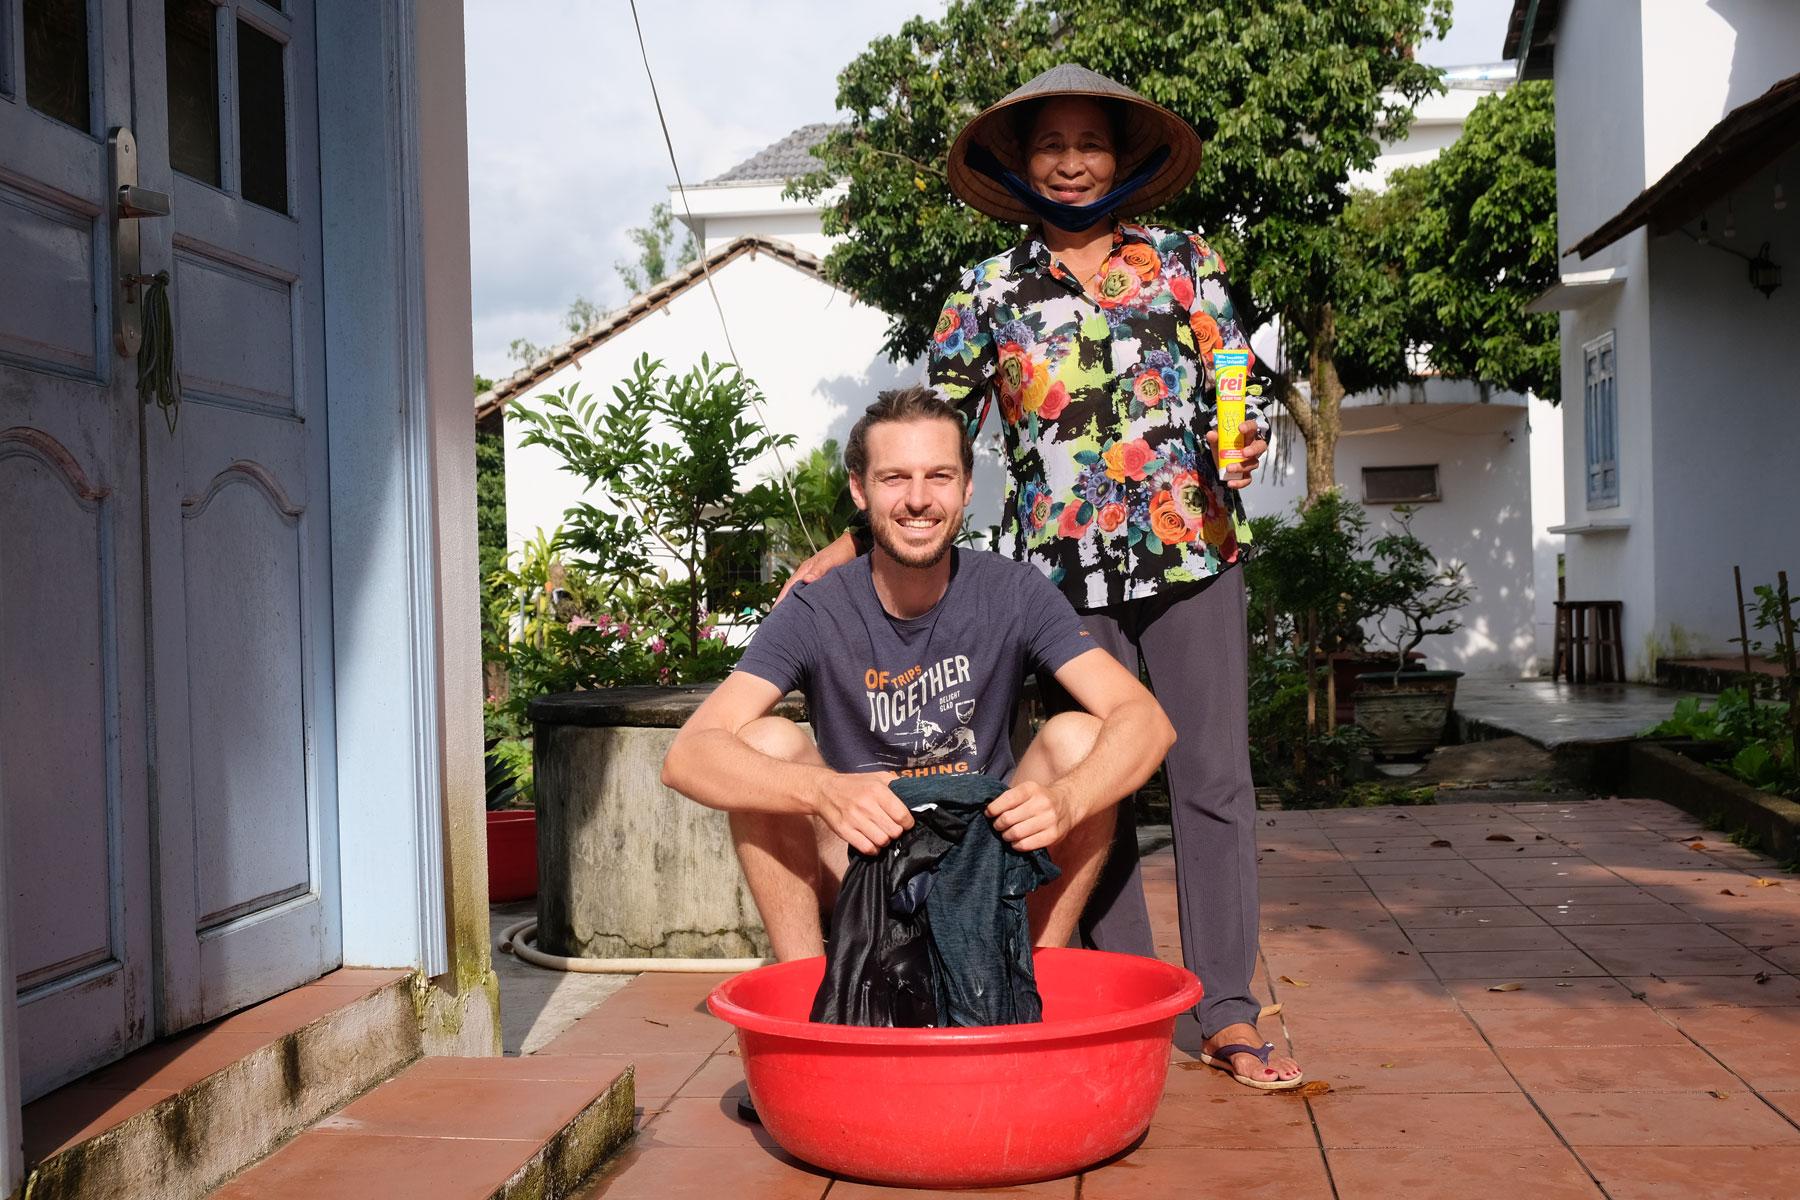 Sebastian wäscht seine Wäsche, neben ihm steht unsere vietnamesische Gastgeberin aus unserem Homestay in Kon Tum.